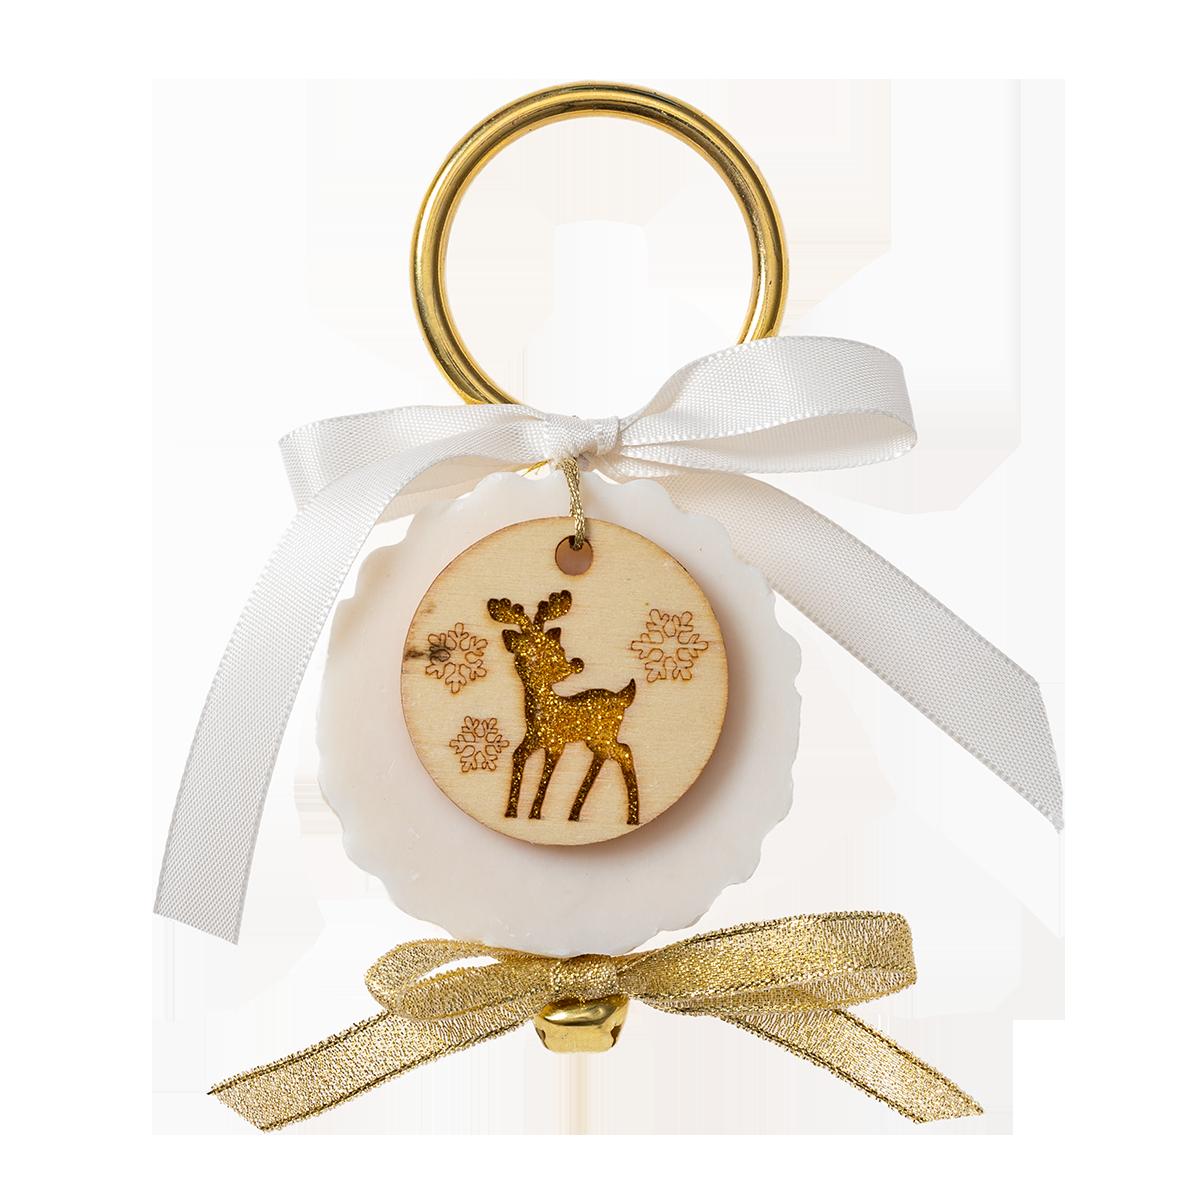 Ghirlanda-bambi